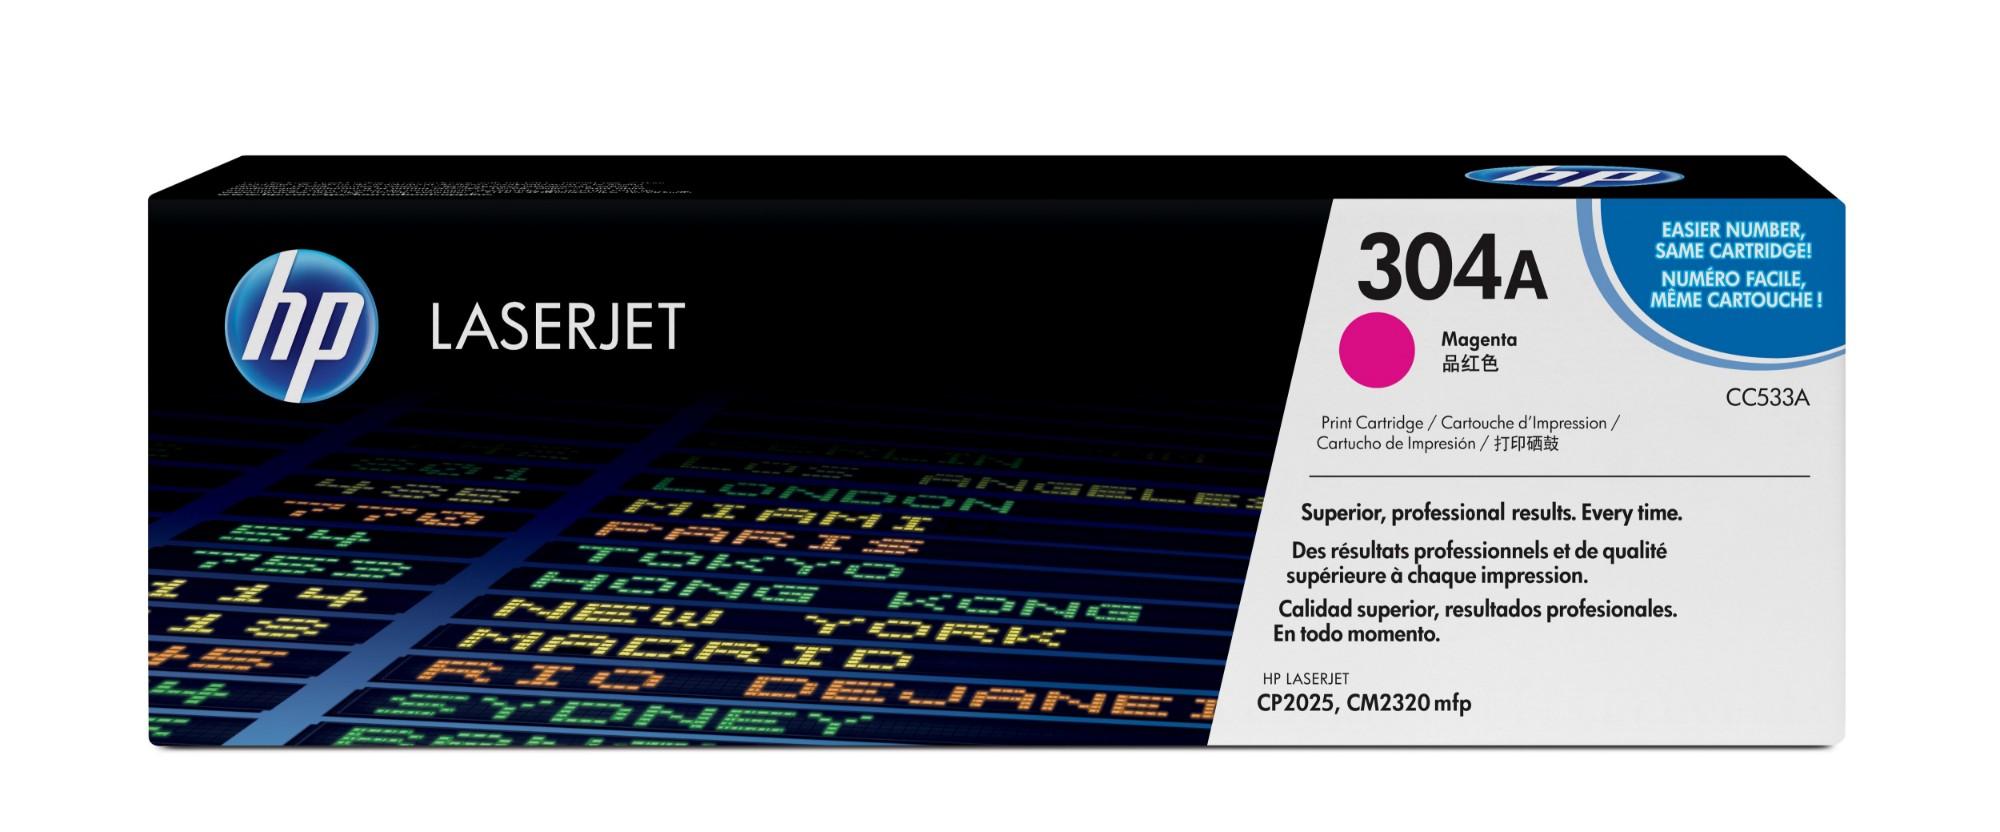 HP CC533A (304A) Toner magenta, 2.8K pages